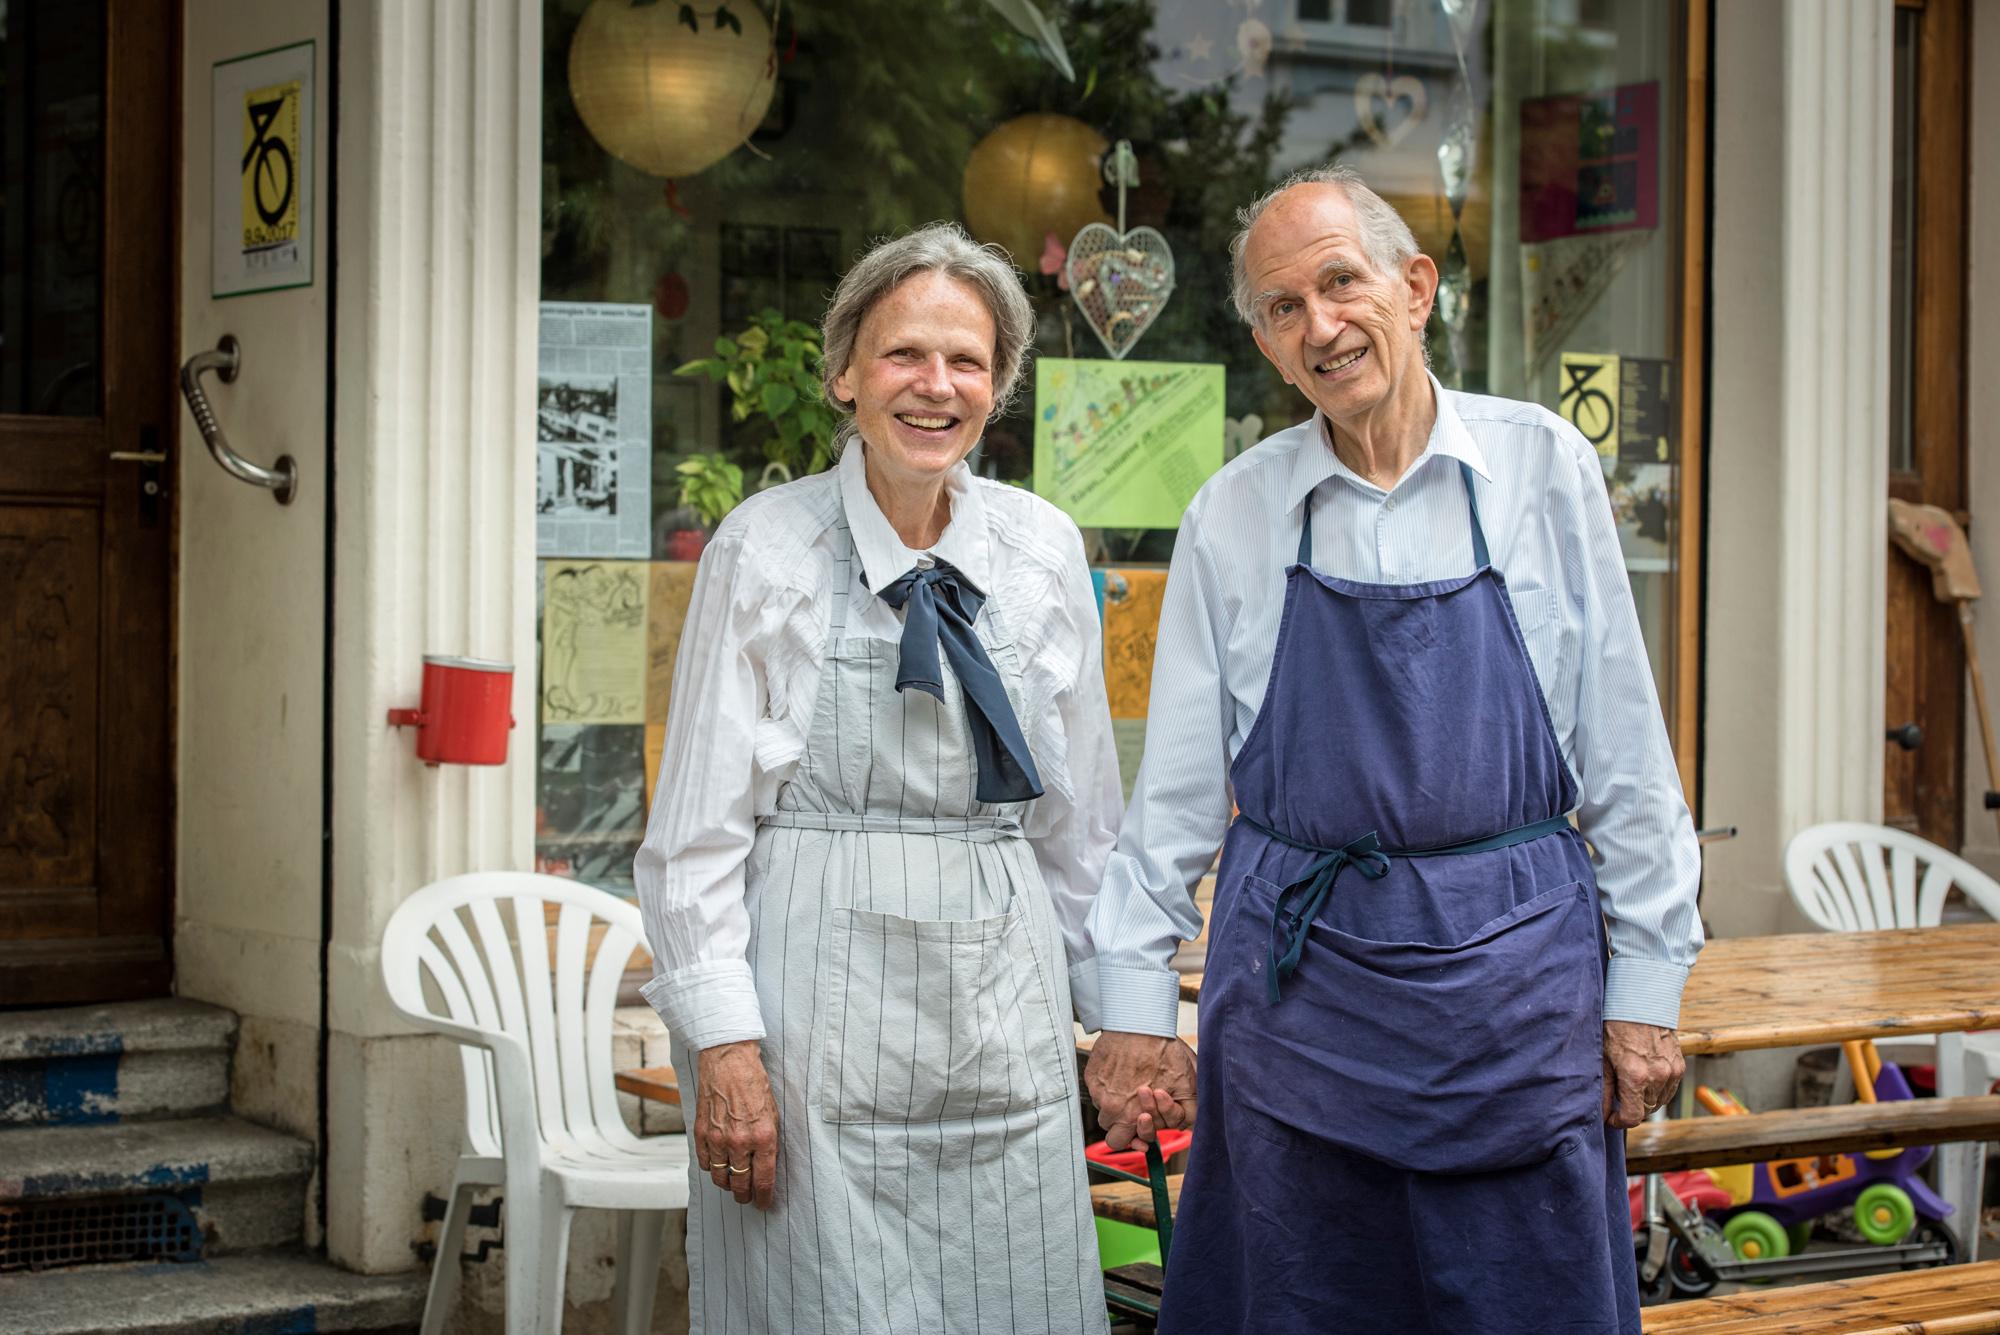 In der Nummer 36 befindet sich das Herzstück der Wohnstrasse. Hier kochen Judith und Ruedi Bachmann jeden Freitag für die A